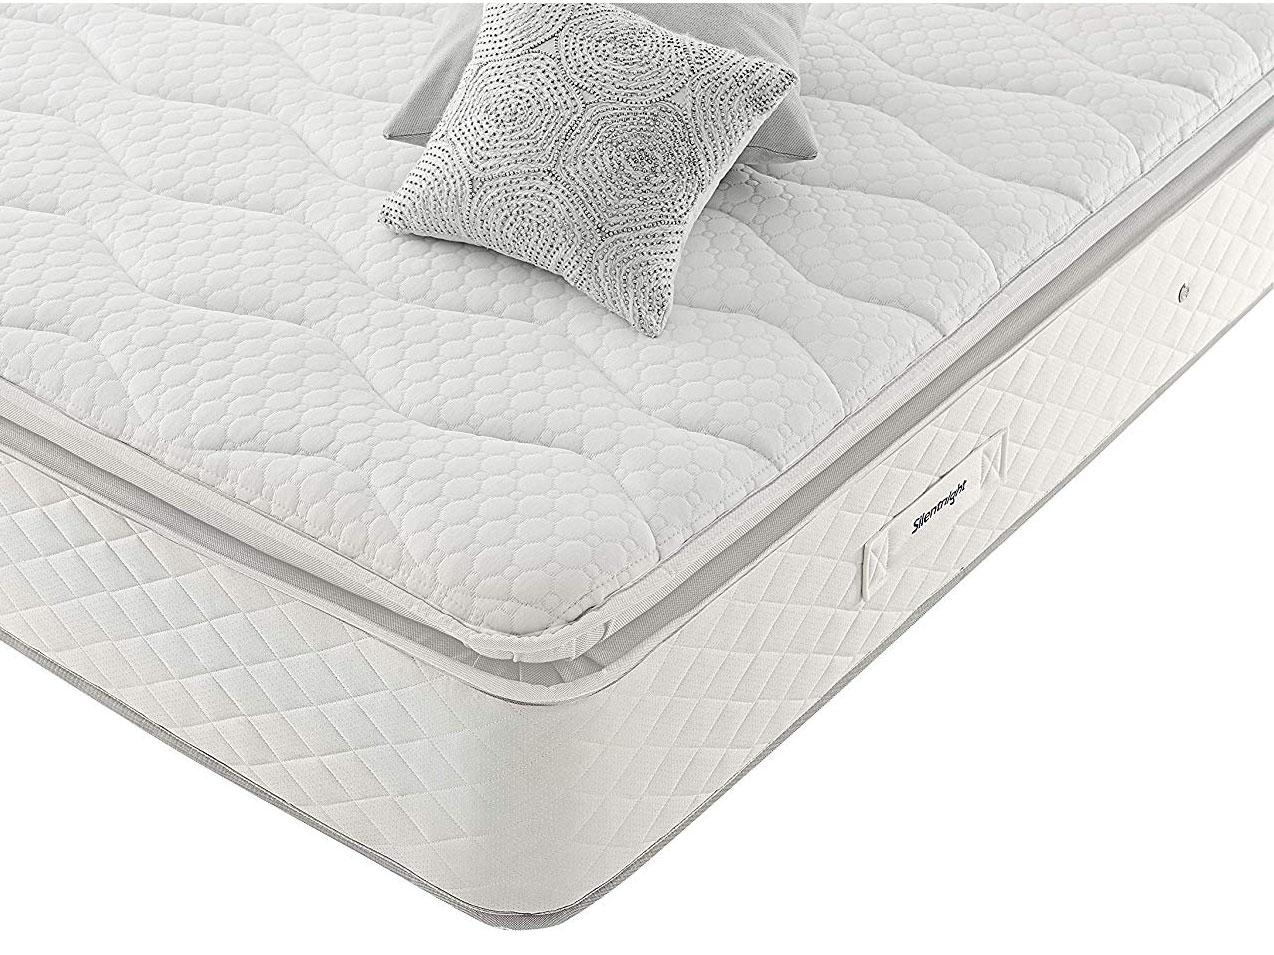 5ft King Size Silentnight Miracoil Geltex Pillow Top